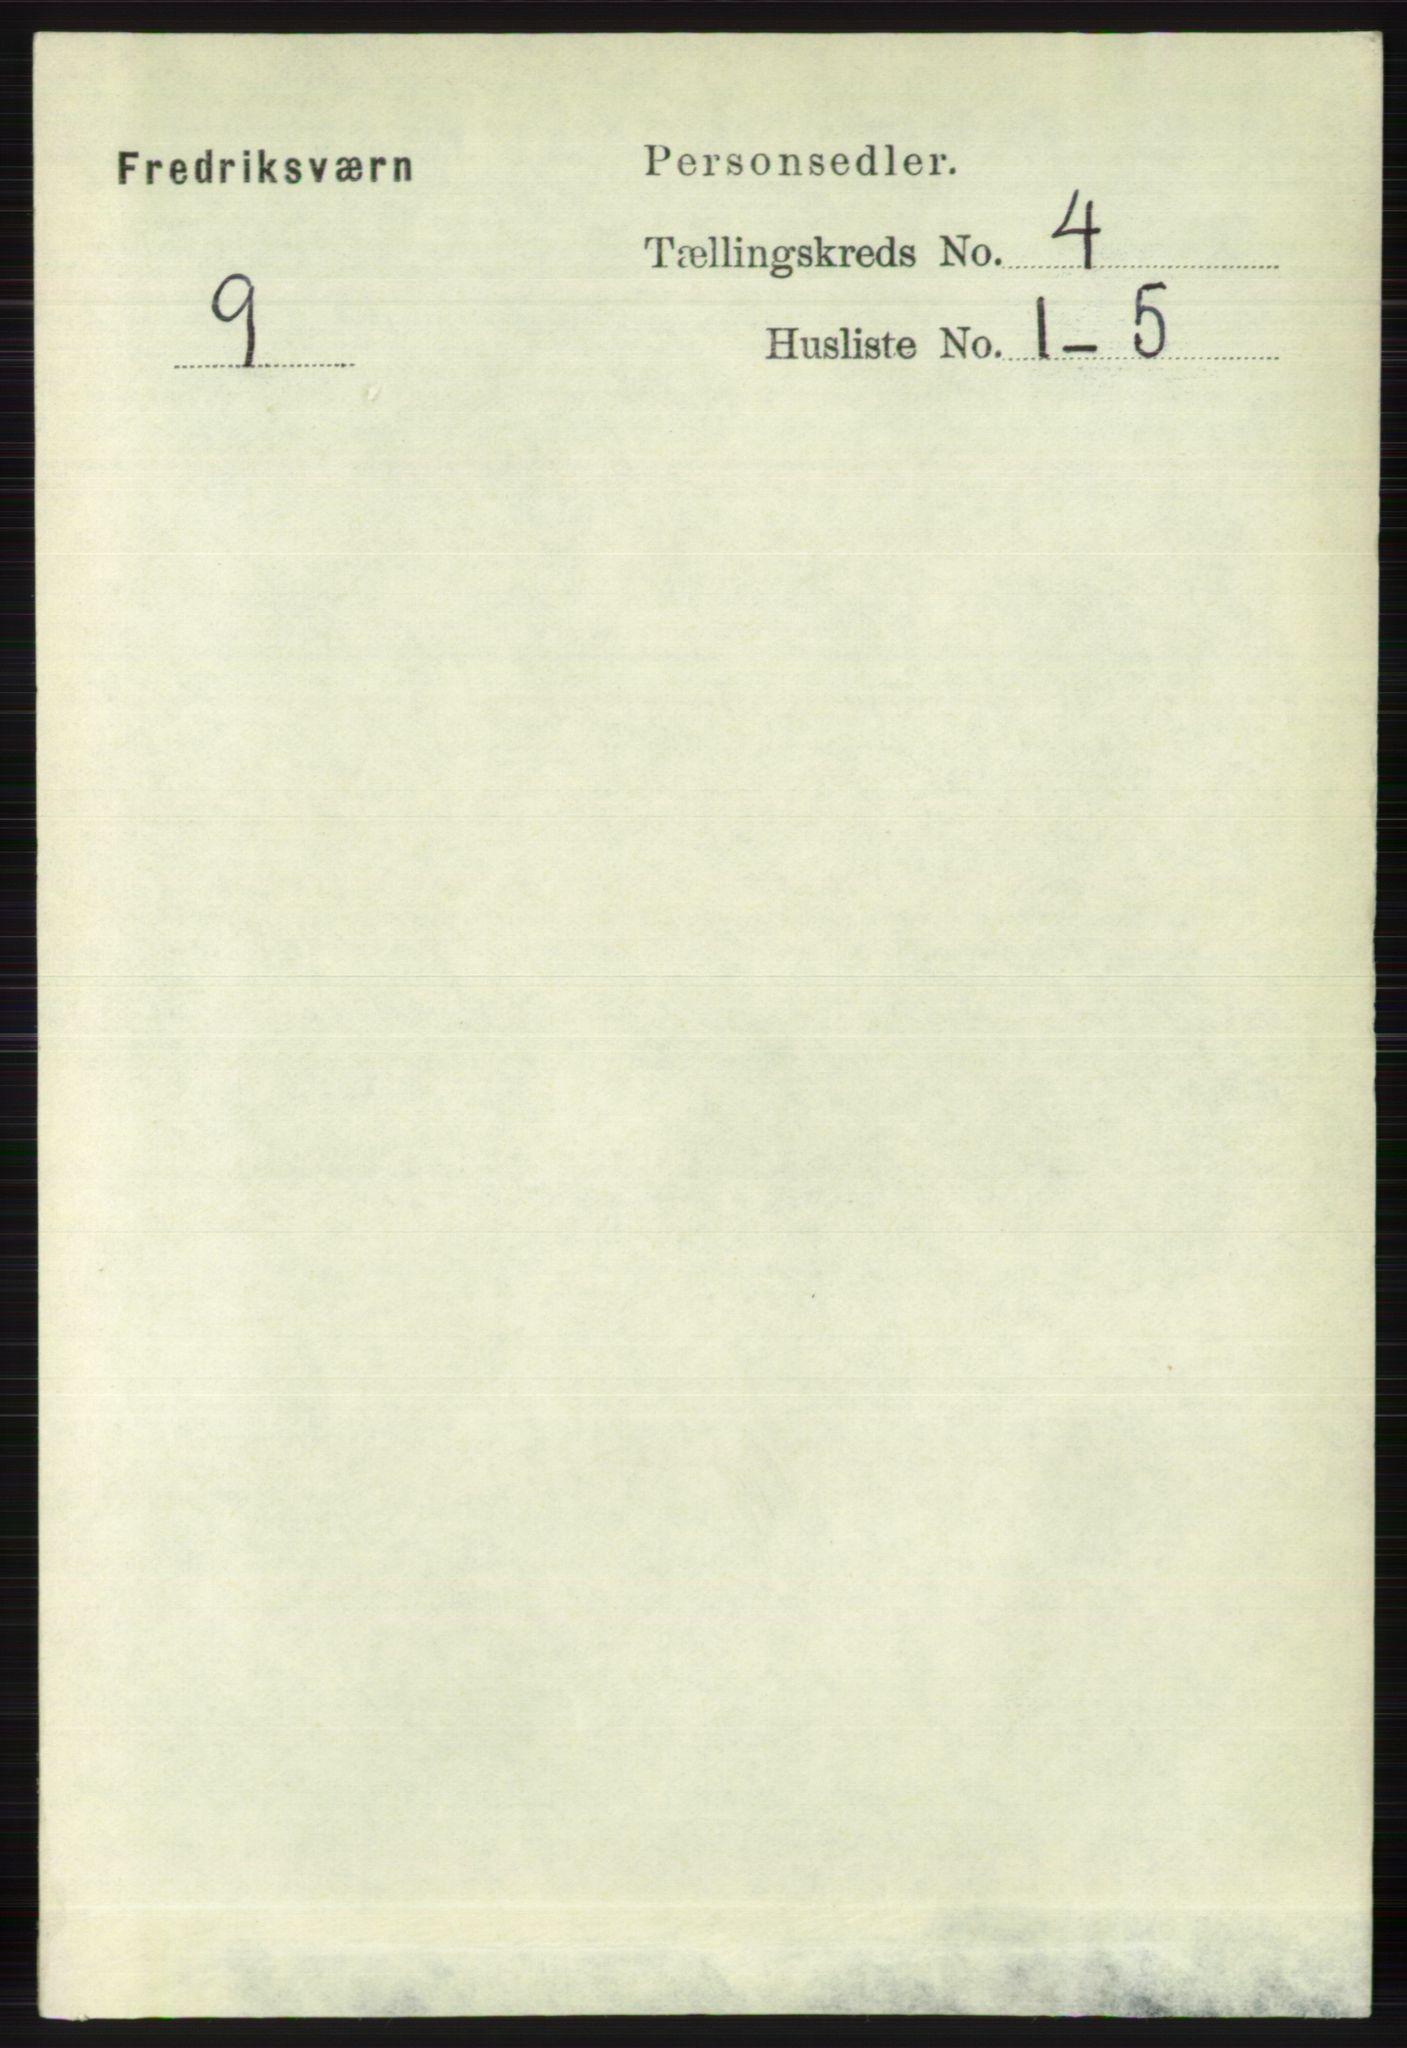 RA, Folketelling 1891 for 0798 Fredriksvern herred, 1891, s. 711